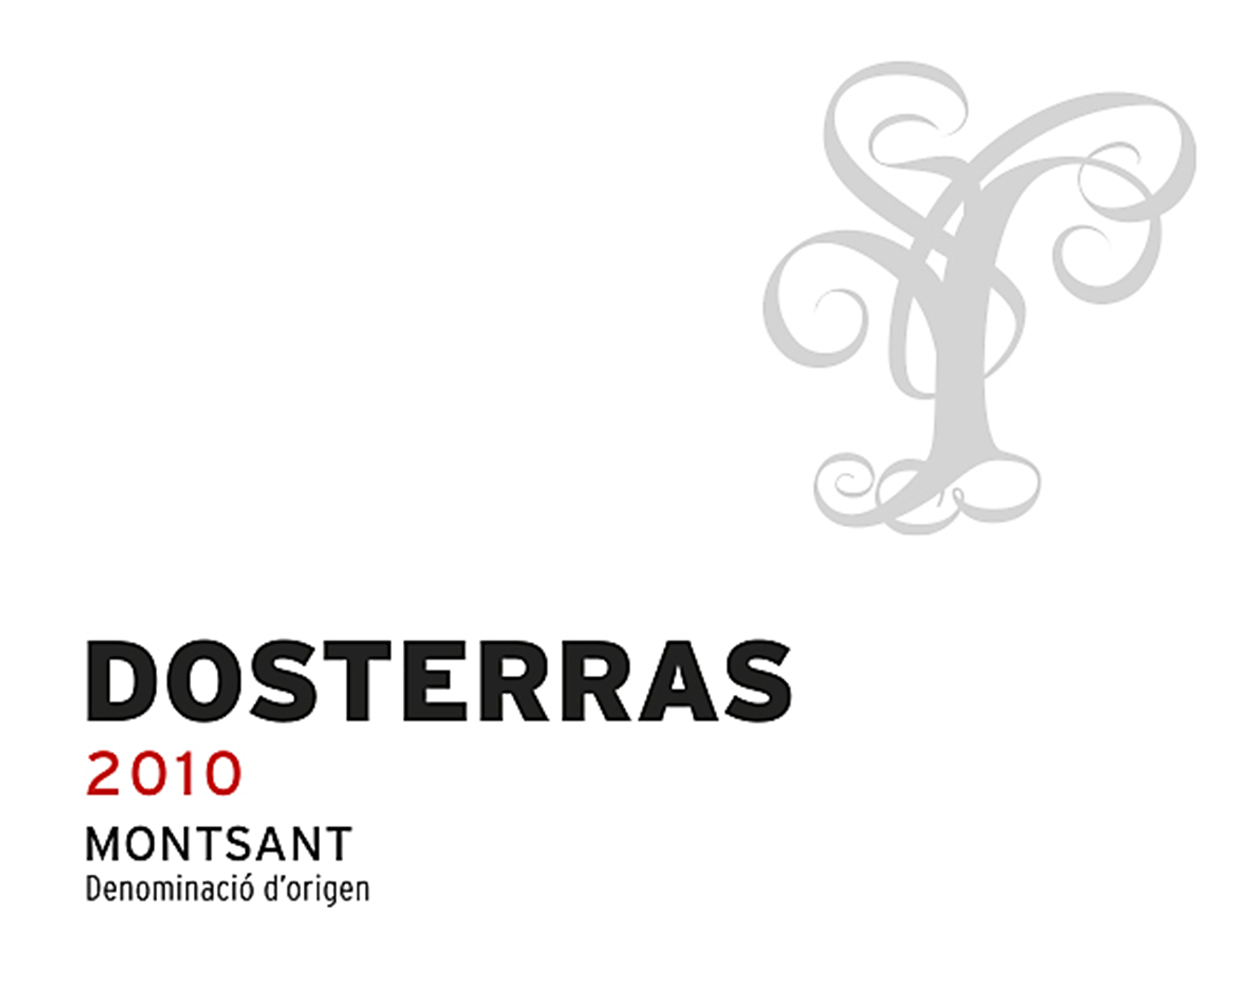 Dosterras-Montsant